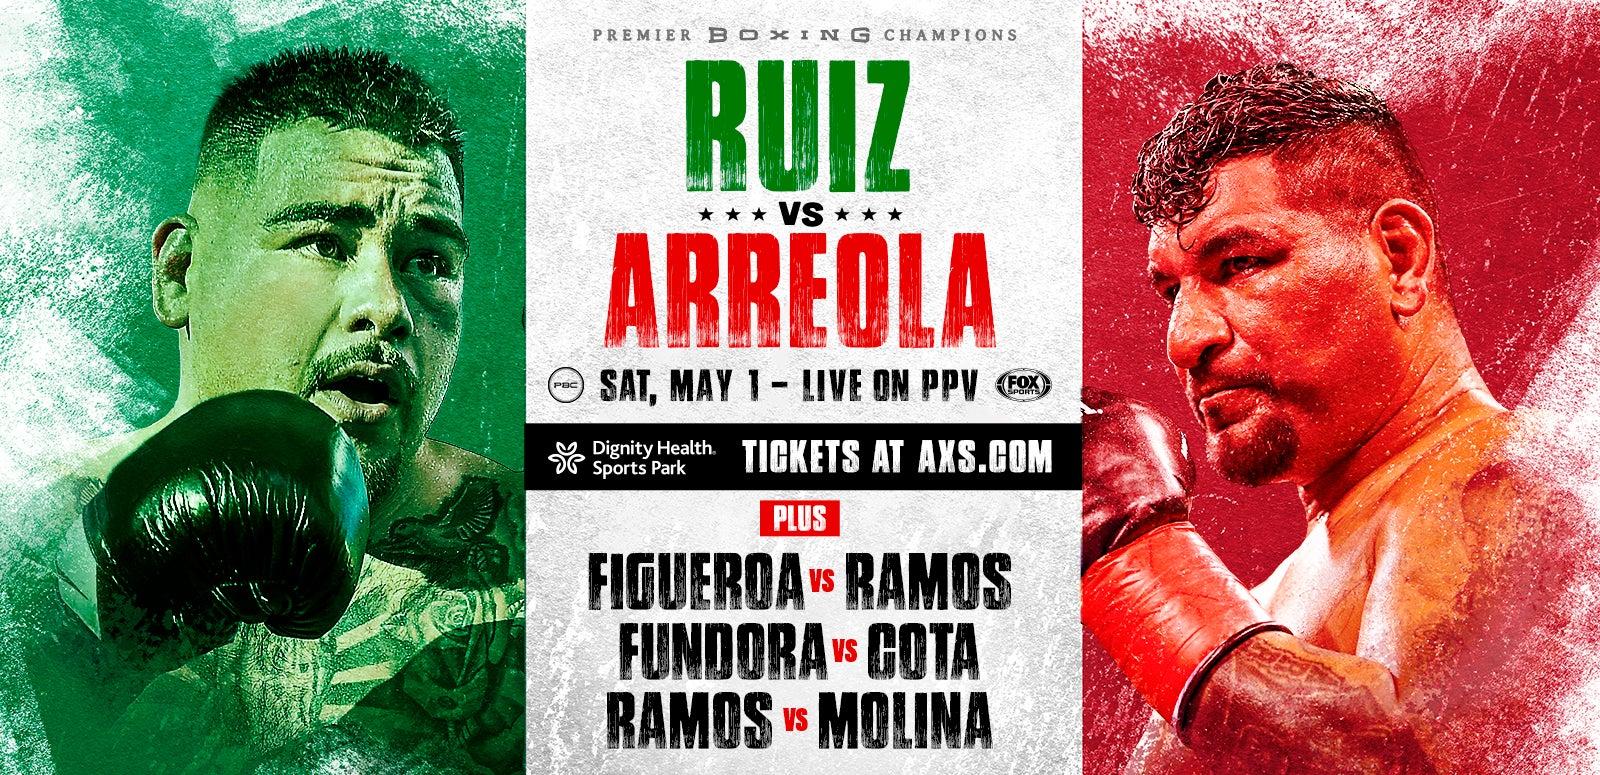 Premier Boxing Champions: Ruiz Jr. vs Arreola